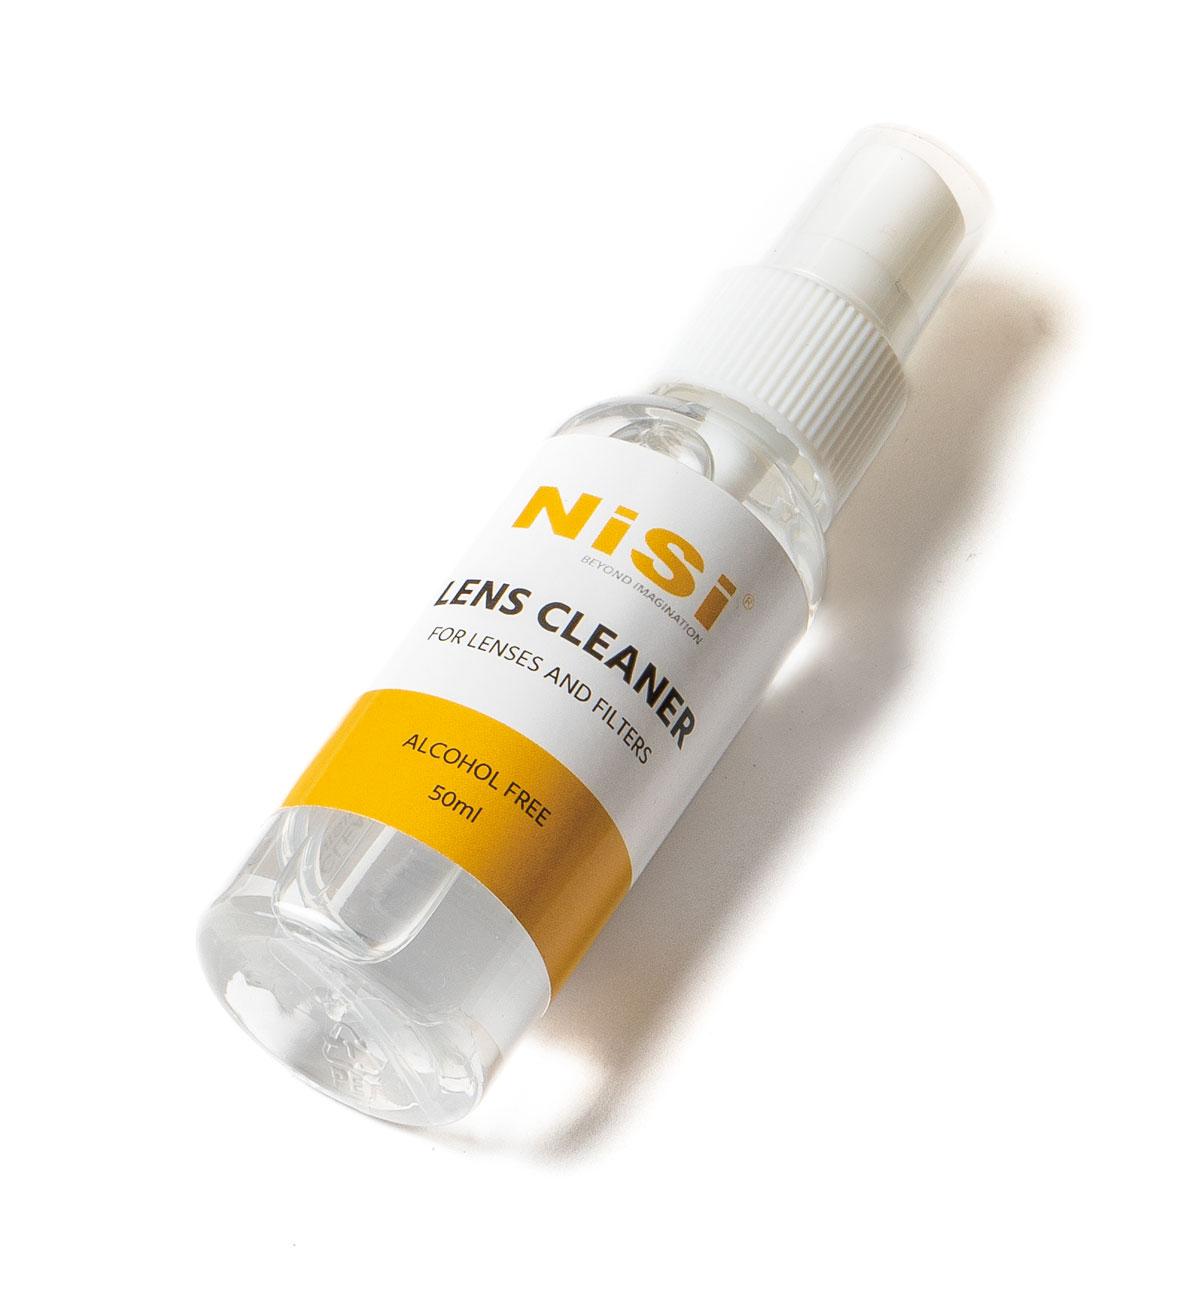 NiSi-Liquid-Cleaner